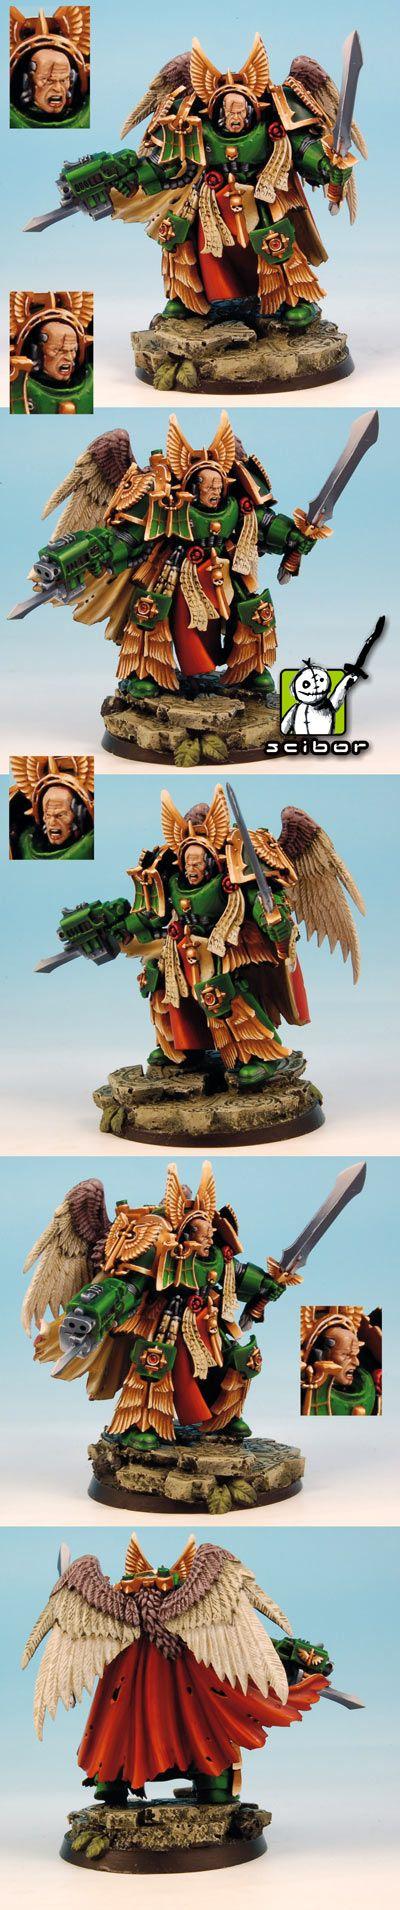 CoolMiniOrNot - 40K Dark Angels , Deathwing Master Terminator by Scibor